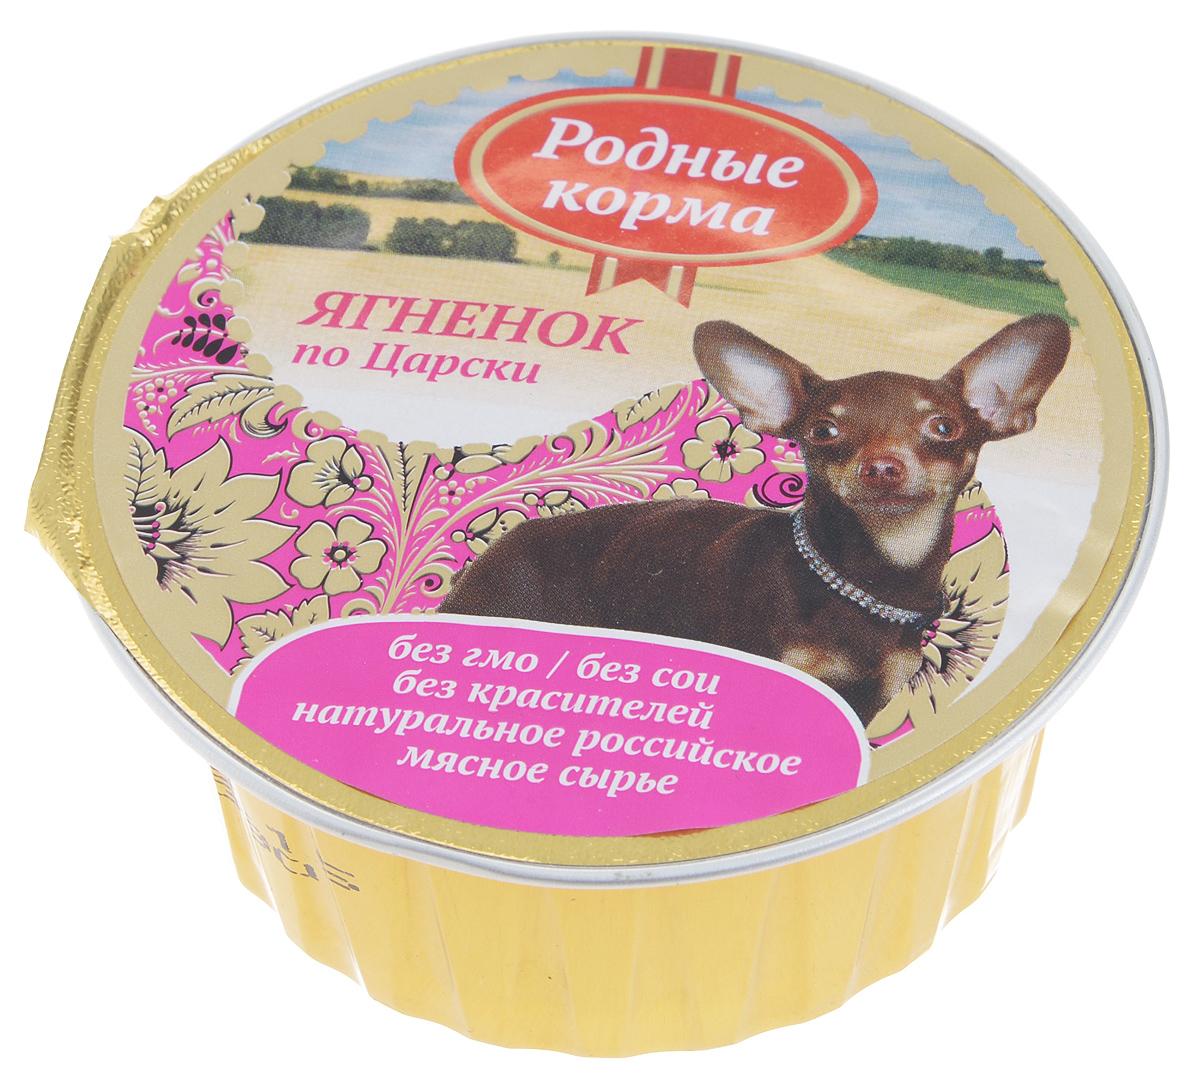 Консервы для собак Родные корма Ягненок по-царски, 125 г60240В рацион домашнего любимца нужно обязательно включать консервированный корм, ведь его главные достоинства - высокая калорийность и питательная ценность. Консервы лучше усваиваются, чем сухие корма. Также важно, что животные, имеющие в рационе консервированный корм, получают больше влаги. Полнорационный консервированный корм Родные корма Ягненок по-царски идеально подойдет вашему любимцу. Консервы приготовлены из натурального российского мяса.Не содержат сои, консервантов, красителей, ароматизаторов и генномодифицированных продуктов.Состав: баранина, мясопродукты, натуральная желирующая добавка, злаки (не более 2%), растительное масло, соль, вода. Пищевая ценность в 100 г: 8% протеин, 6% жир, 0,2% клетчатка, 2% зола, 4% углеводы, влага - до 80%. Энергетическая ценность: 102 кКал. Вес: 125 г.Товар сертифицирован.